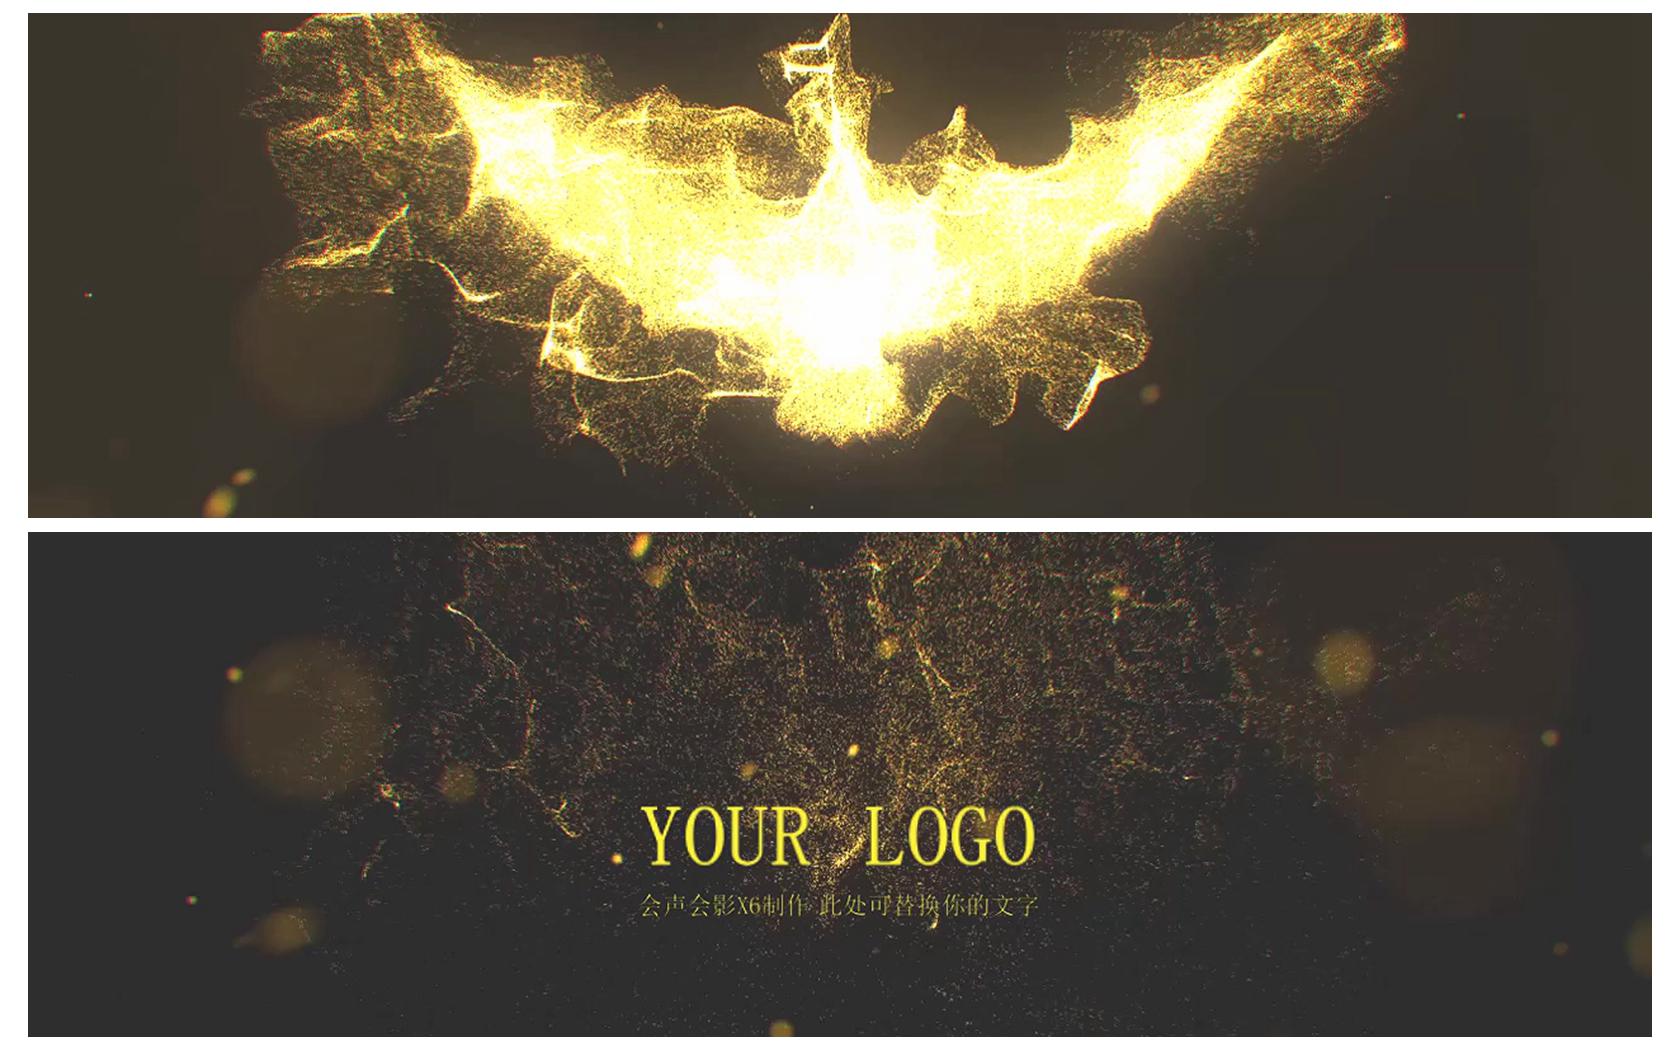 会声会影X6模板 超炫金色粒子凤凰形状运动飞舞演绎公司企业LOGO